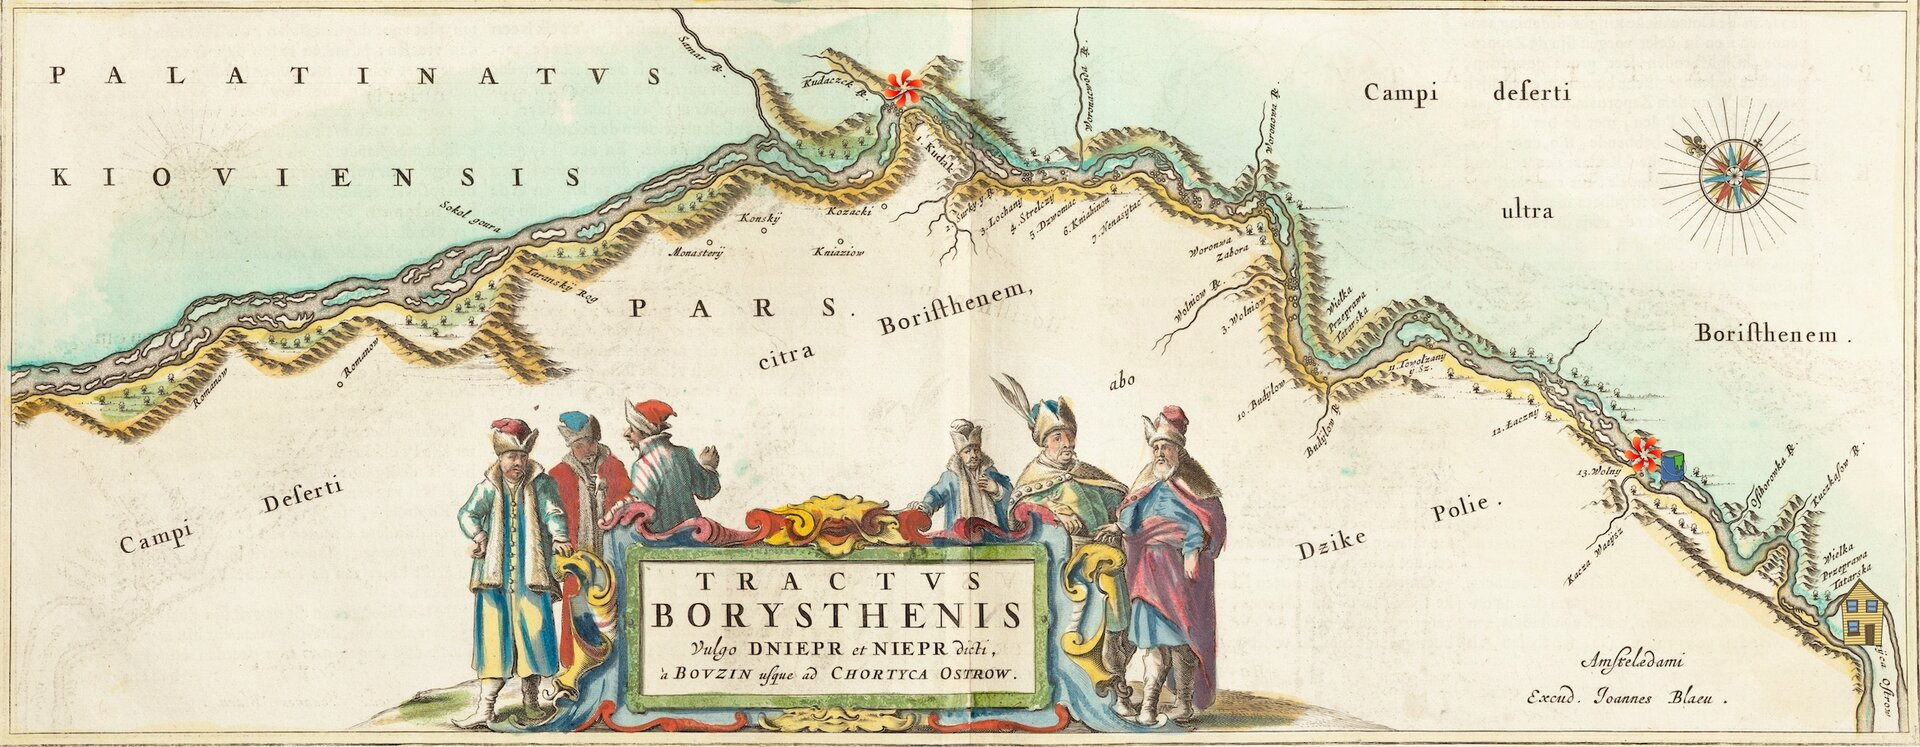 Tractus Borysthenis (fragment) Fragment mapy okolic Dniepru,wykonanej przez Willema Blaeu w1662 roku. Czerwonymi ikonkami oznaczono początek ikoniec porohów, makietą domu - wyspę Chortyca, akubełkiem zmocno już nieświeżą kaszą - Kaszewarnicę. Źródło: Willem Blaeu, Tractus Borysthenis (fragment), 1662, licencja: CC 0.